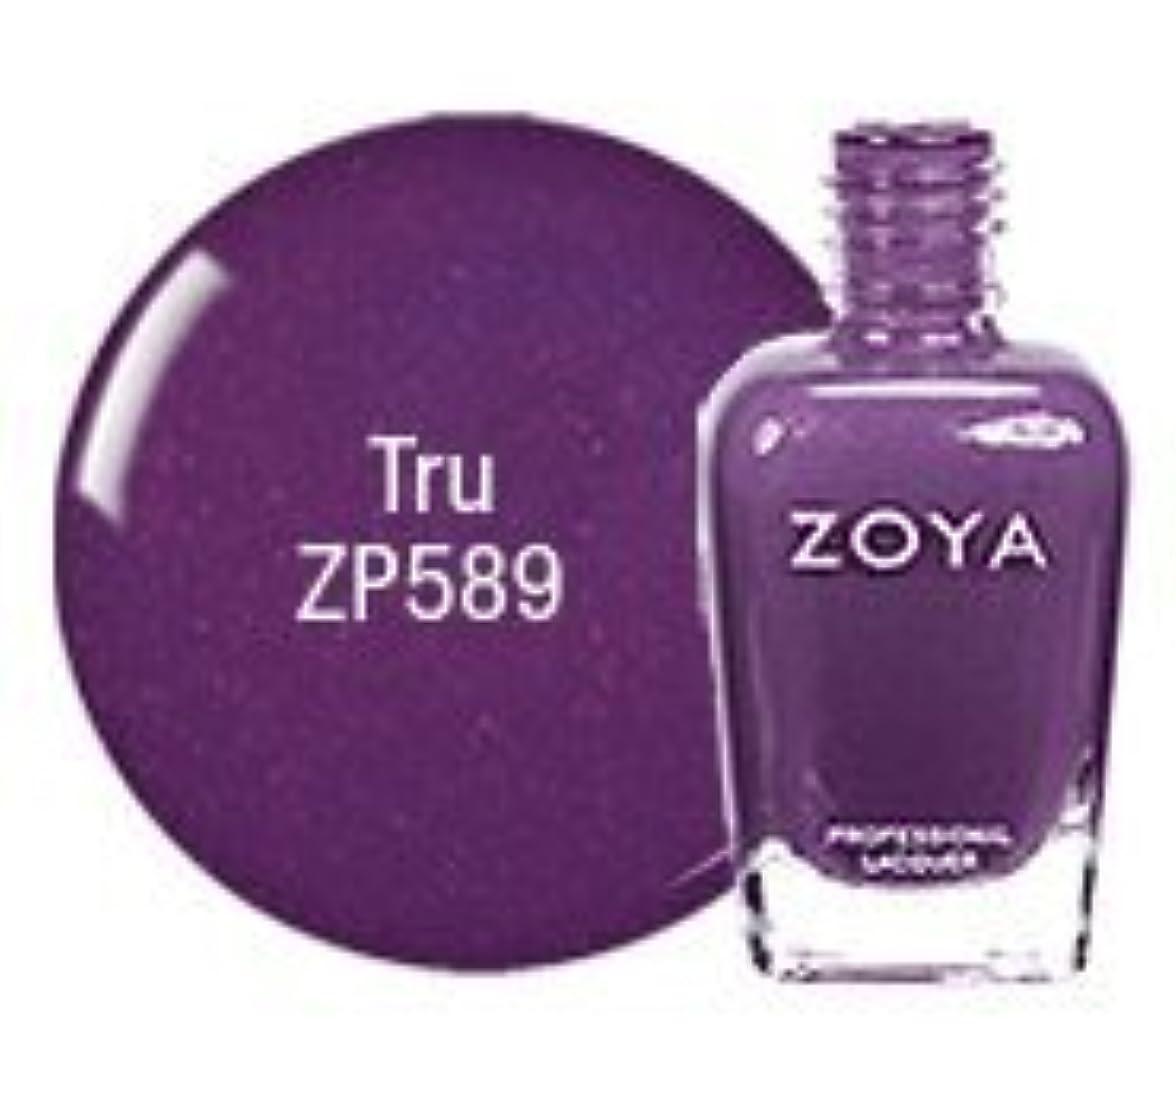 爵見る人飛躍[Zoya] ZP589 ツルー [True Collection][並行輸入品][海外直送品]